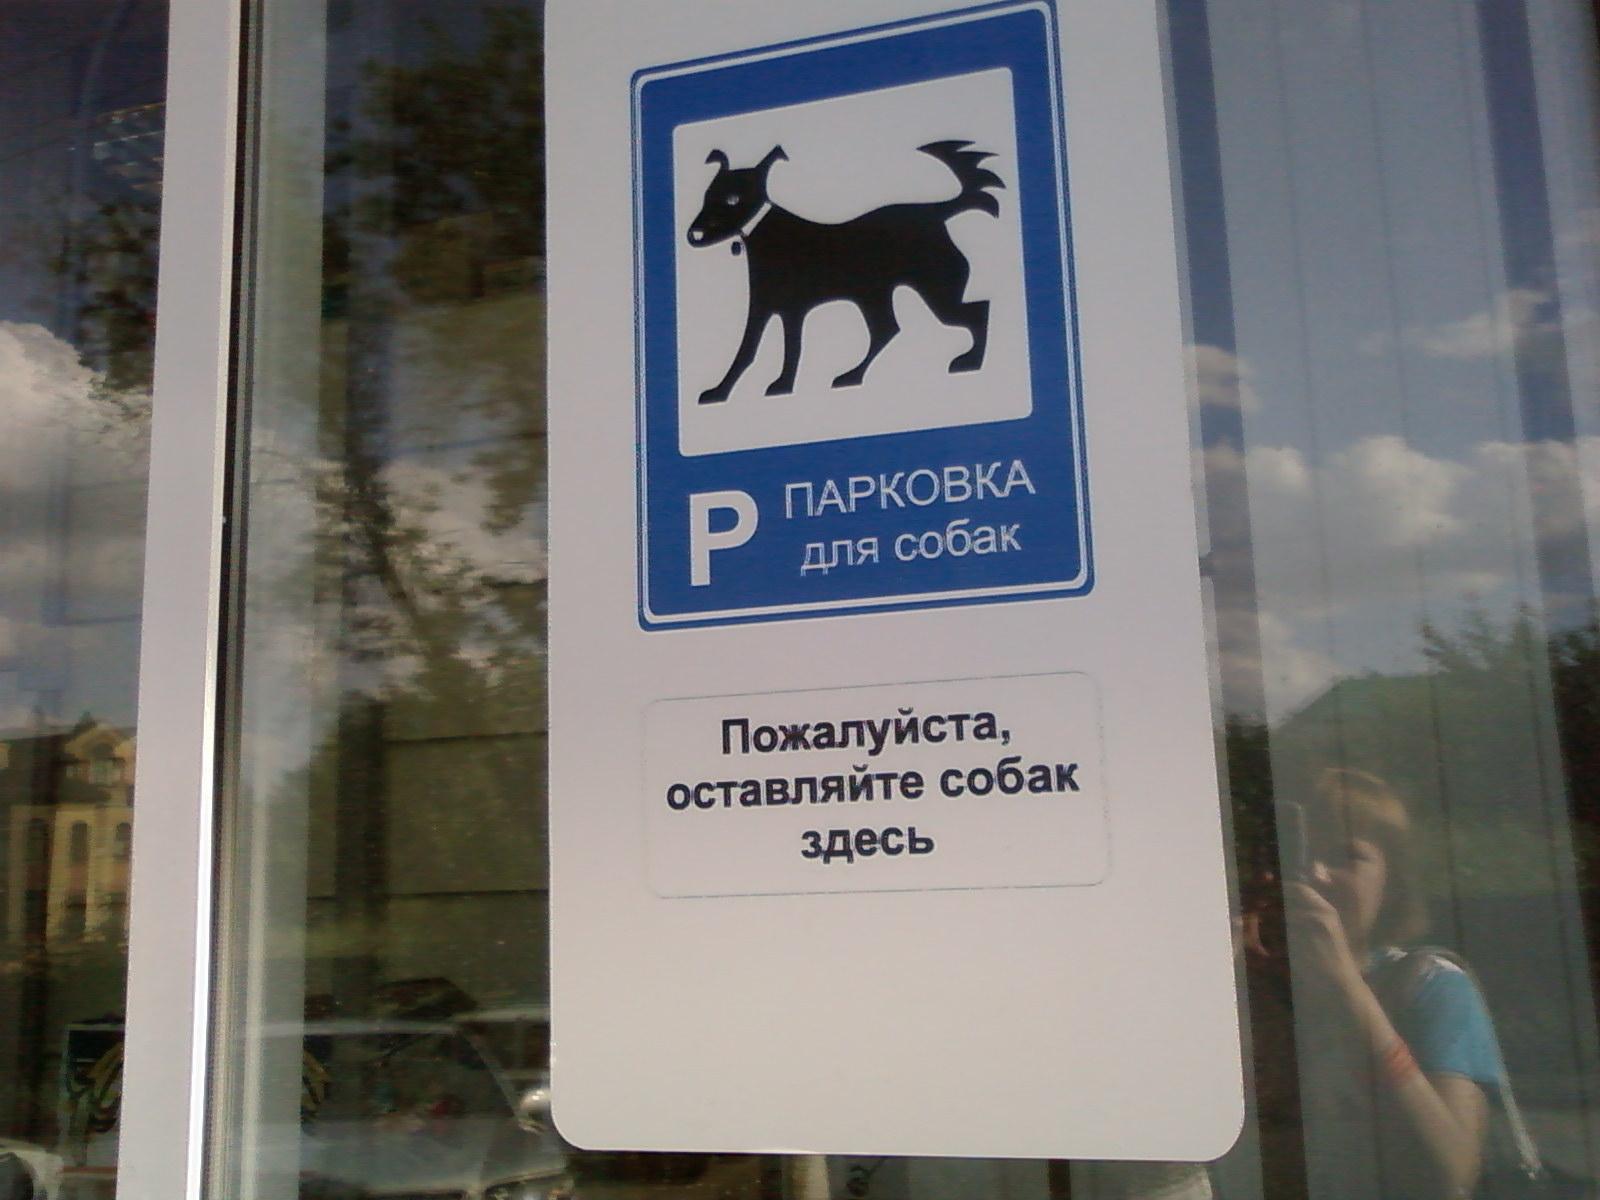 Photo of Появятся парковки для собак Появятся парковки для собак Появятся парковки для собак 315304942